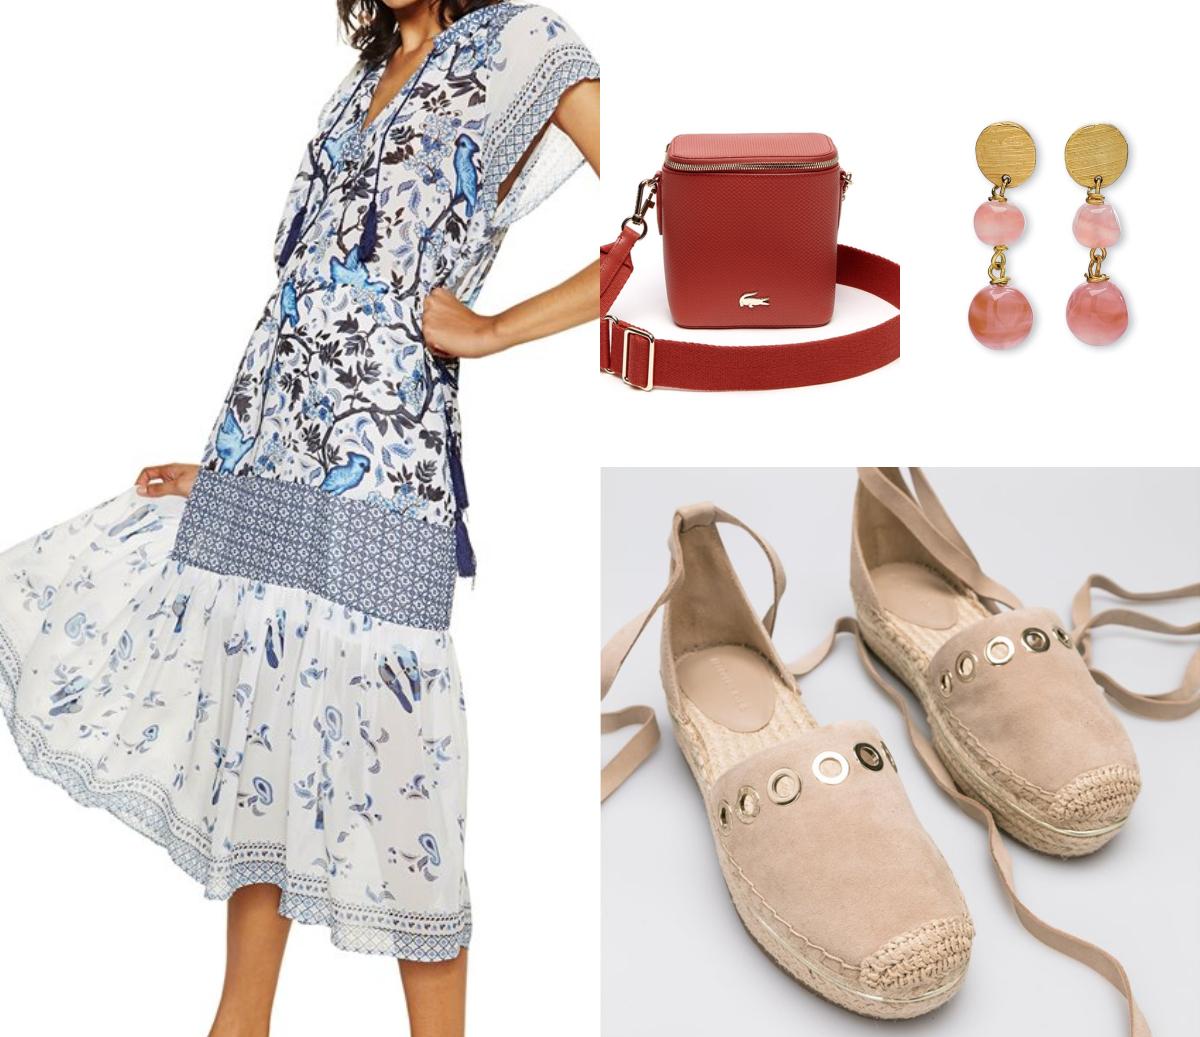 Ποτέ δεν μπορείς να έχεις αρκετά καλοκαιρινά outfits - αυτά τα 5 όμως είναι τα καλύτερα!